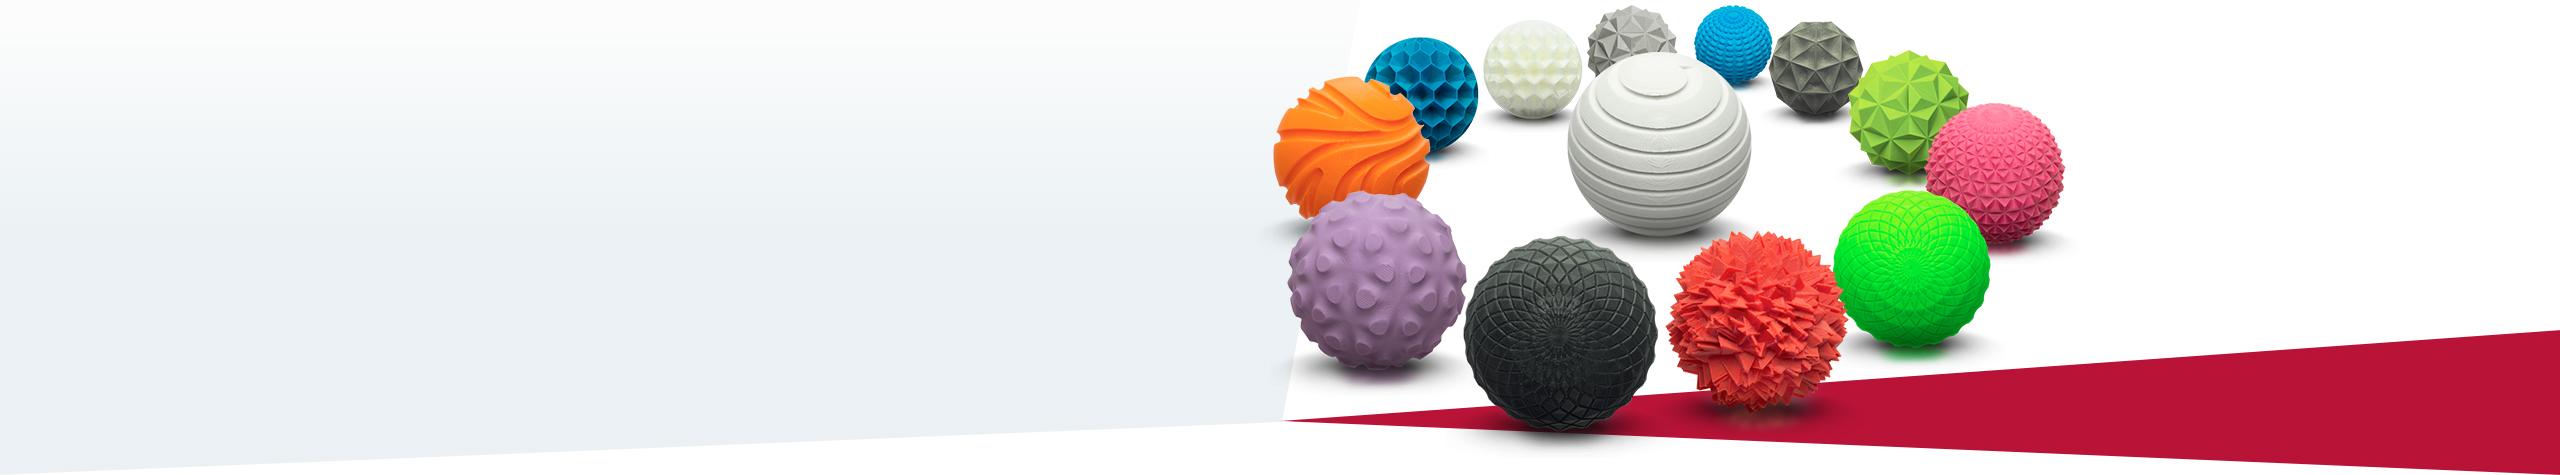 Auswahl 3D-Druck Materialien So vielseitig, wie Ihre Anforderungen.